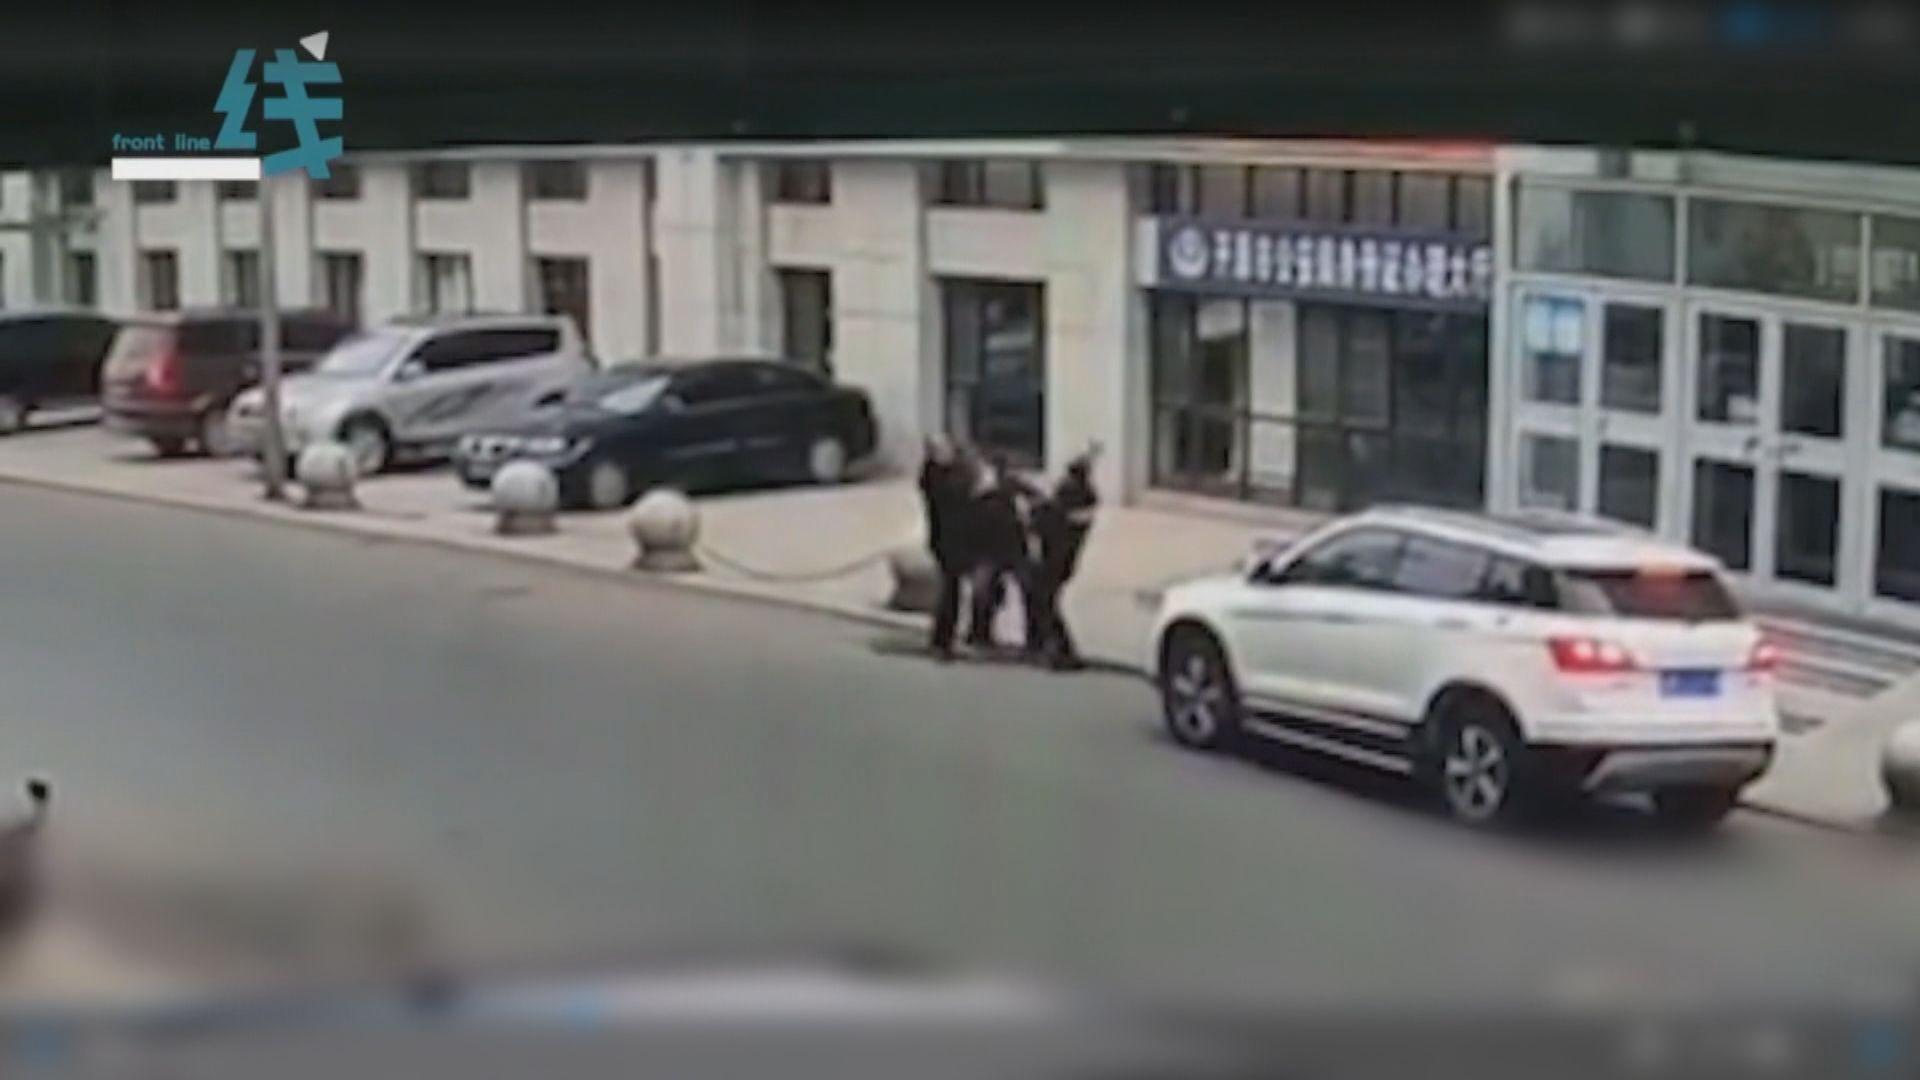 遼寧省開原市持刀傷人案釀七死七傷